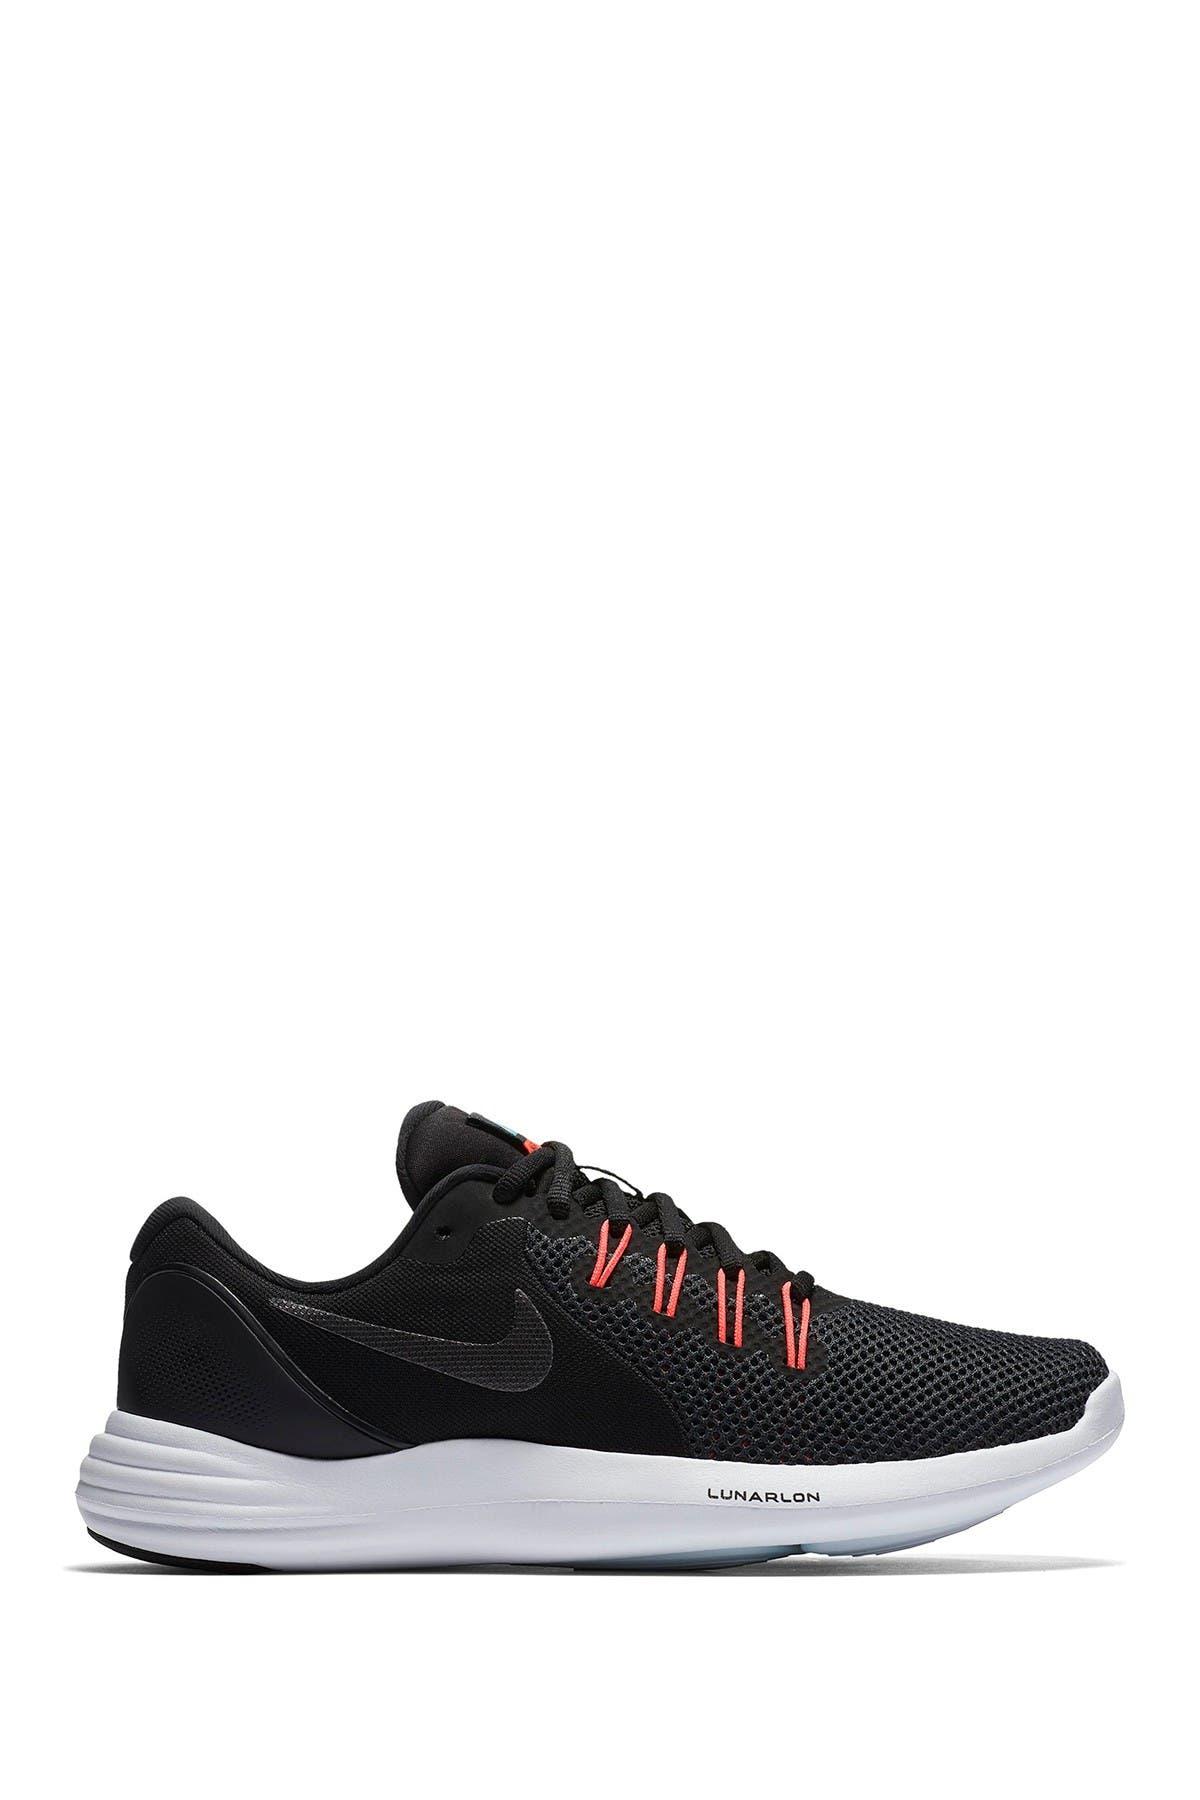 Nike   Lunar Apparent Running Sneaker